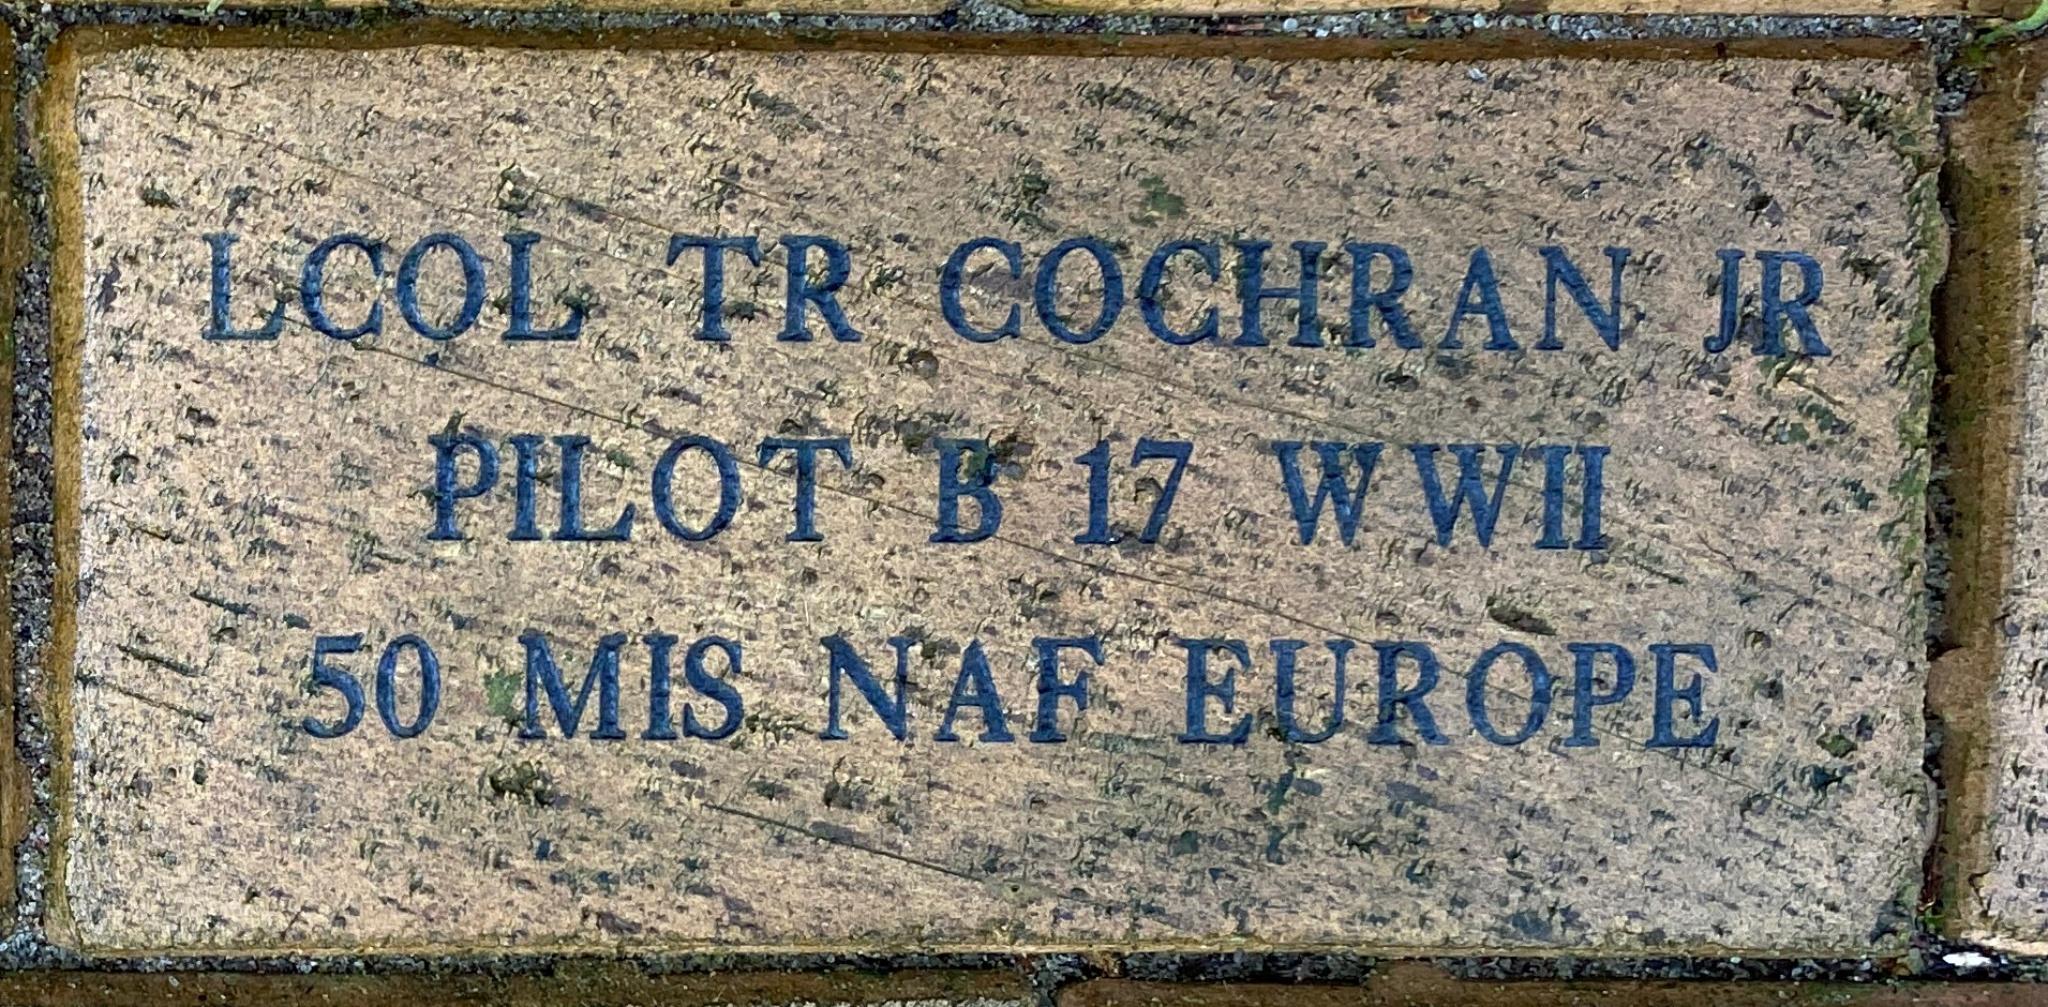 LCOL TR COCHRAN JR PILOT B 17 WWII 50 MIS NAF EUROPE